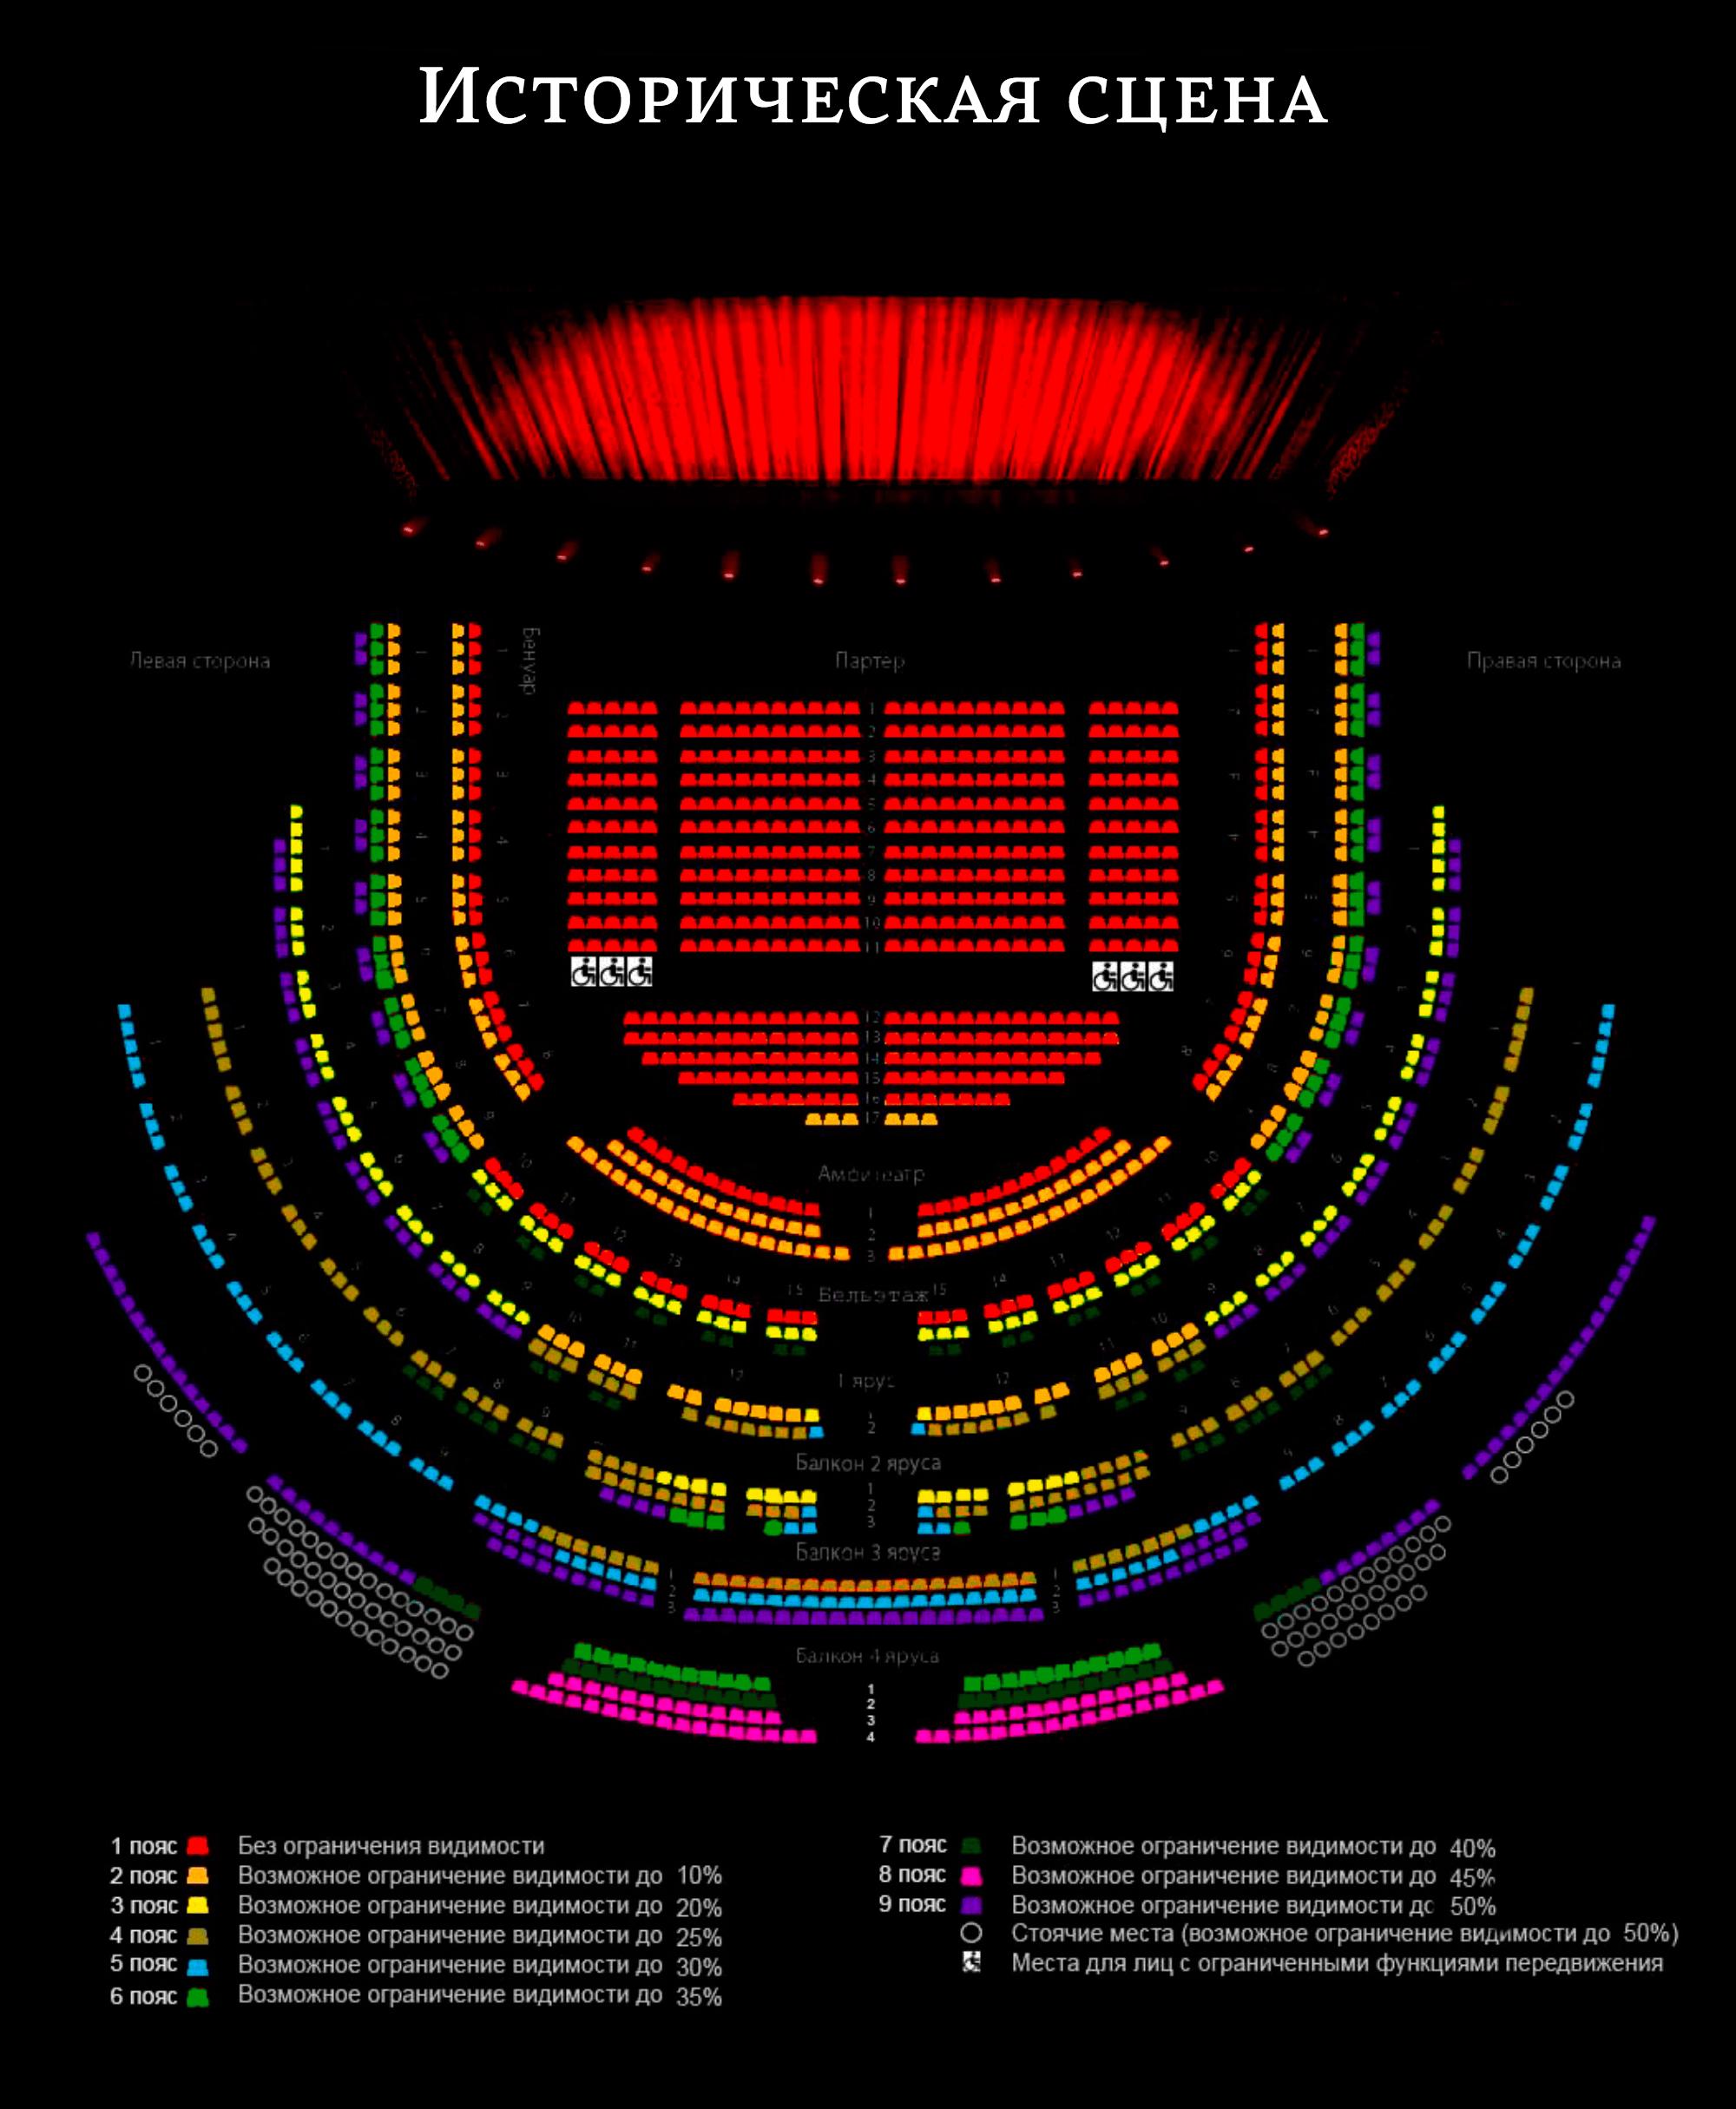 купить билеты в партер большого театра